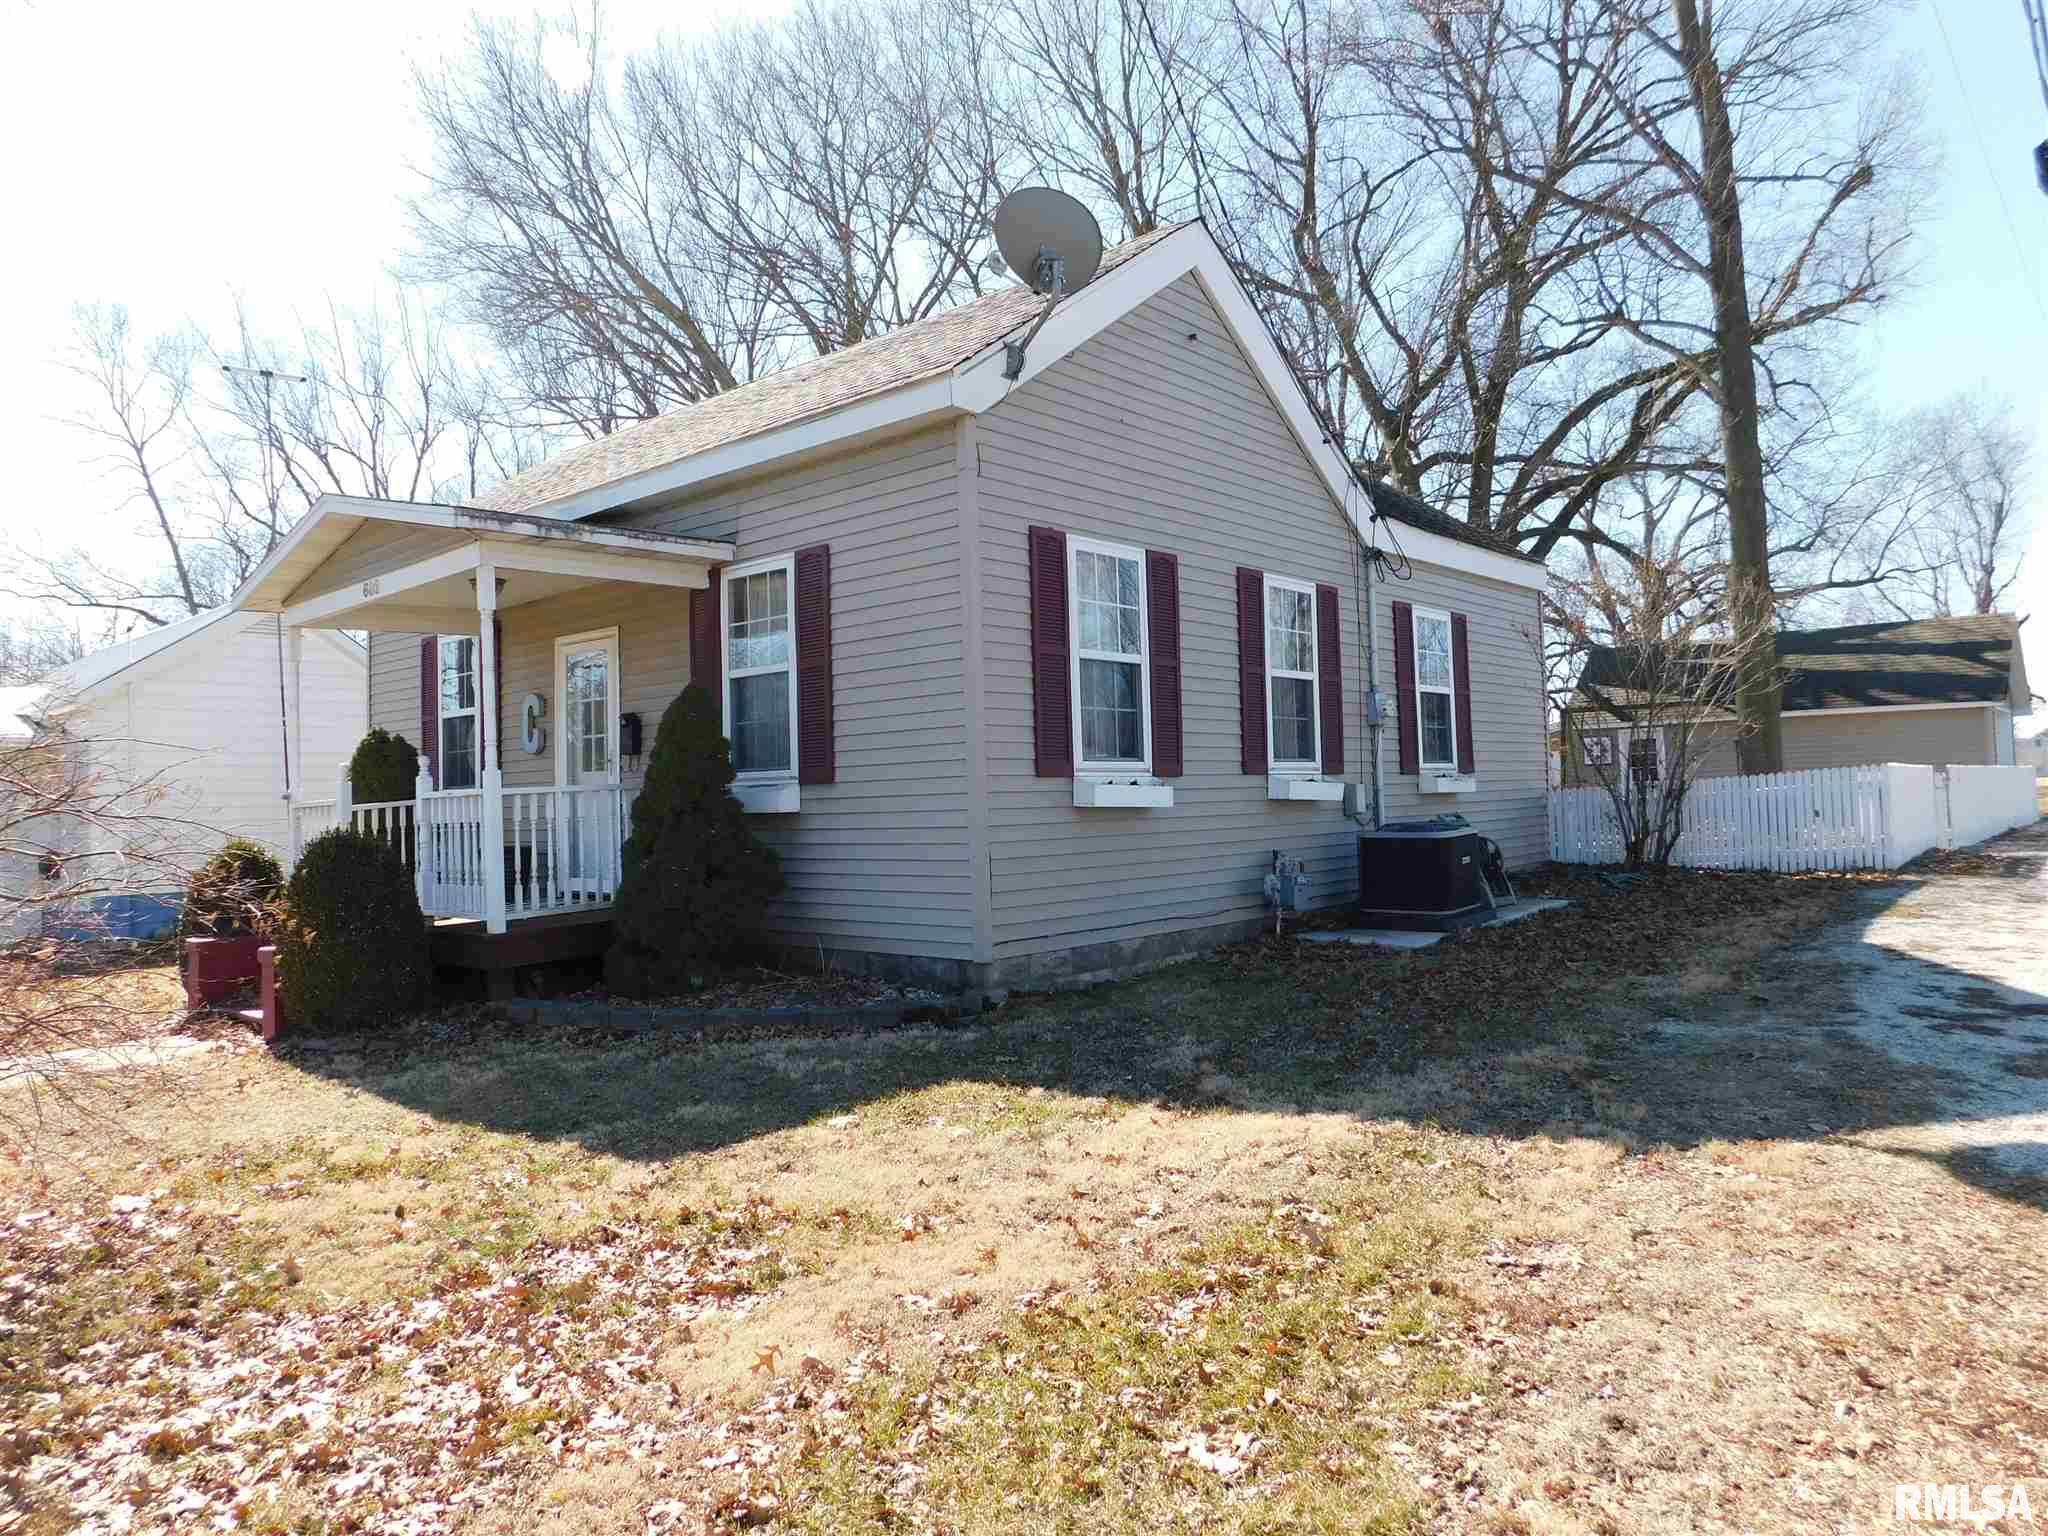 602 S LOCUST Property Photo - Carlinville, IL real estate listing